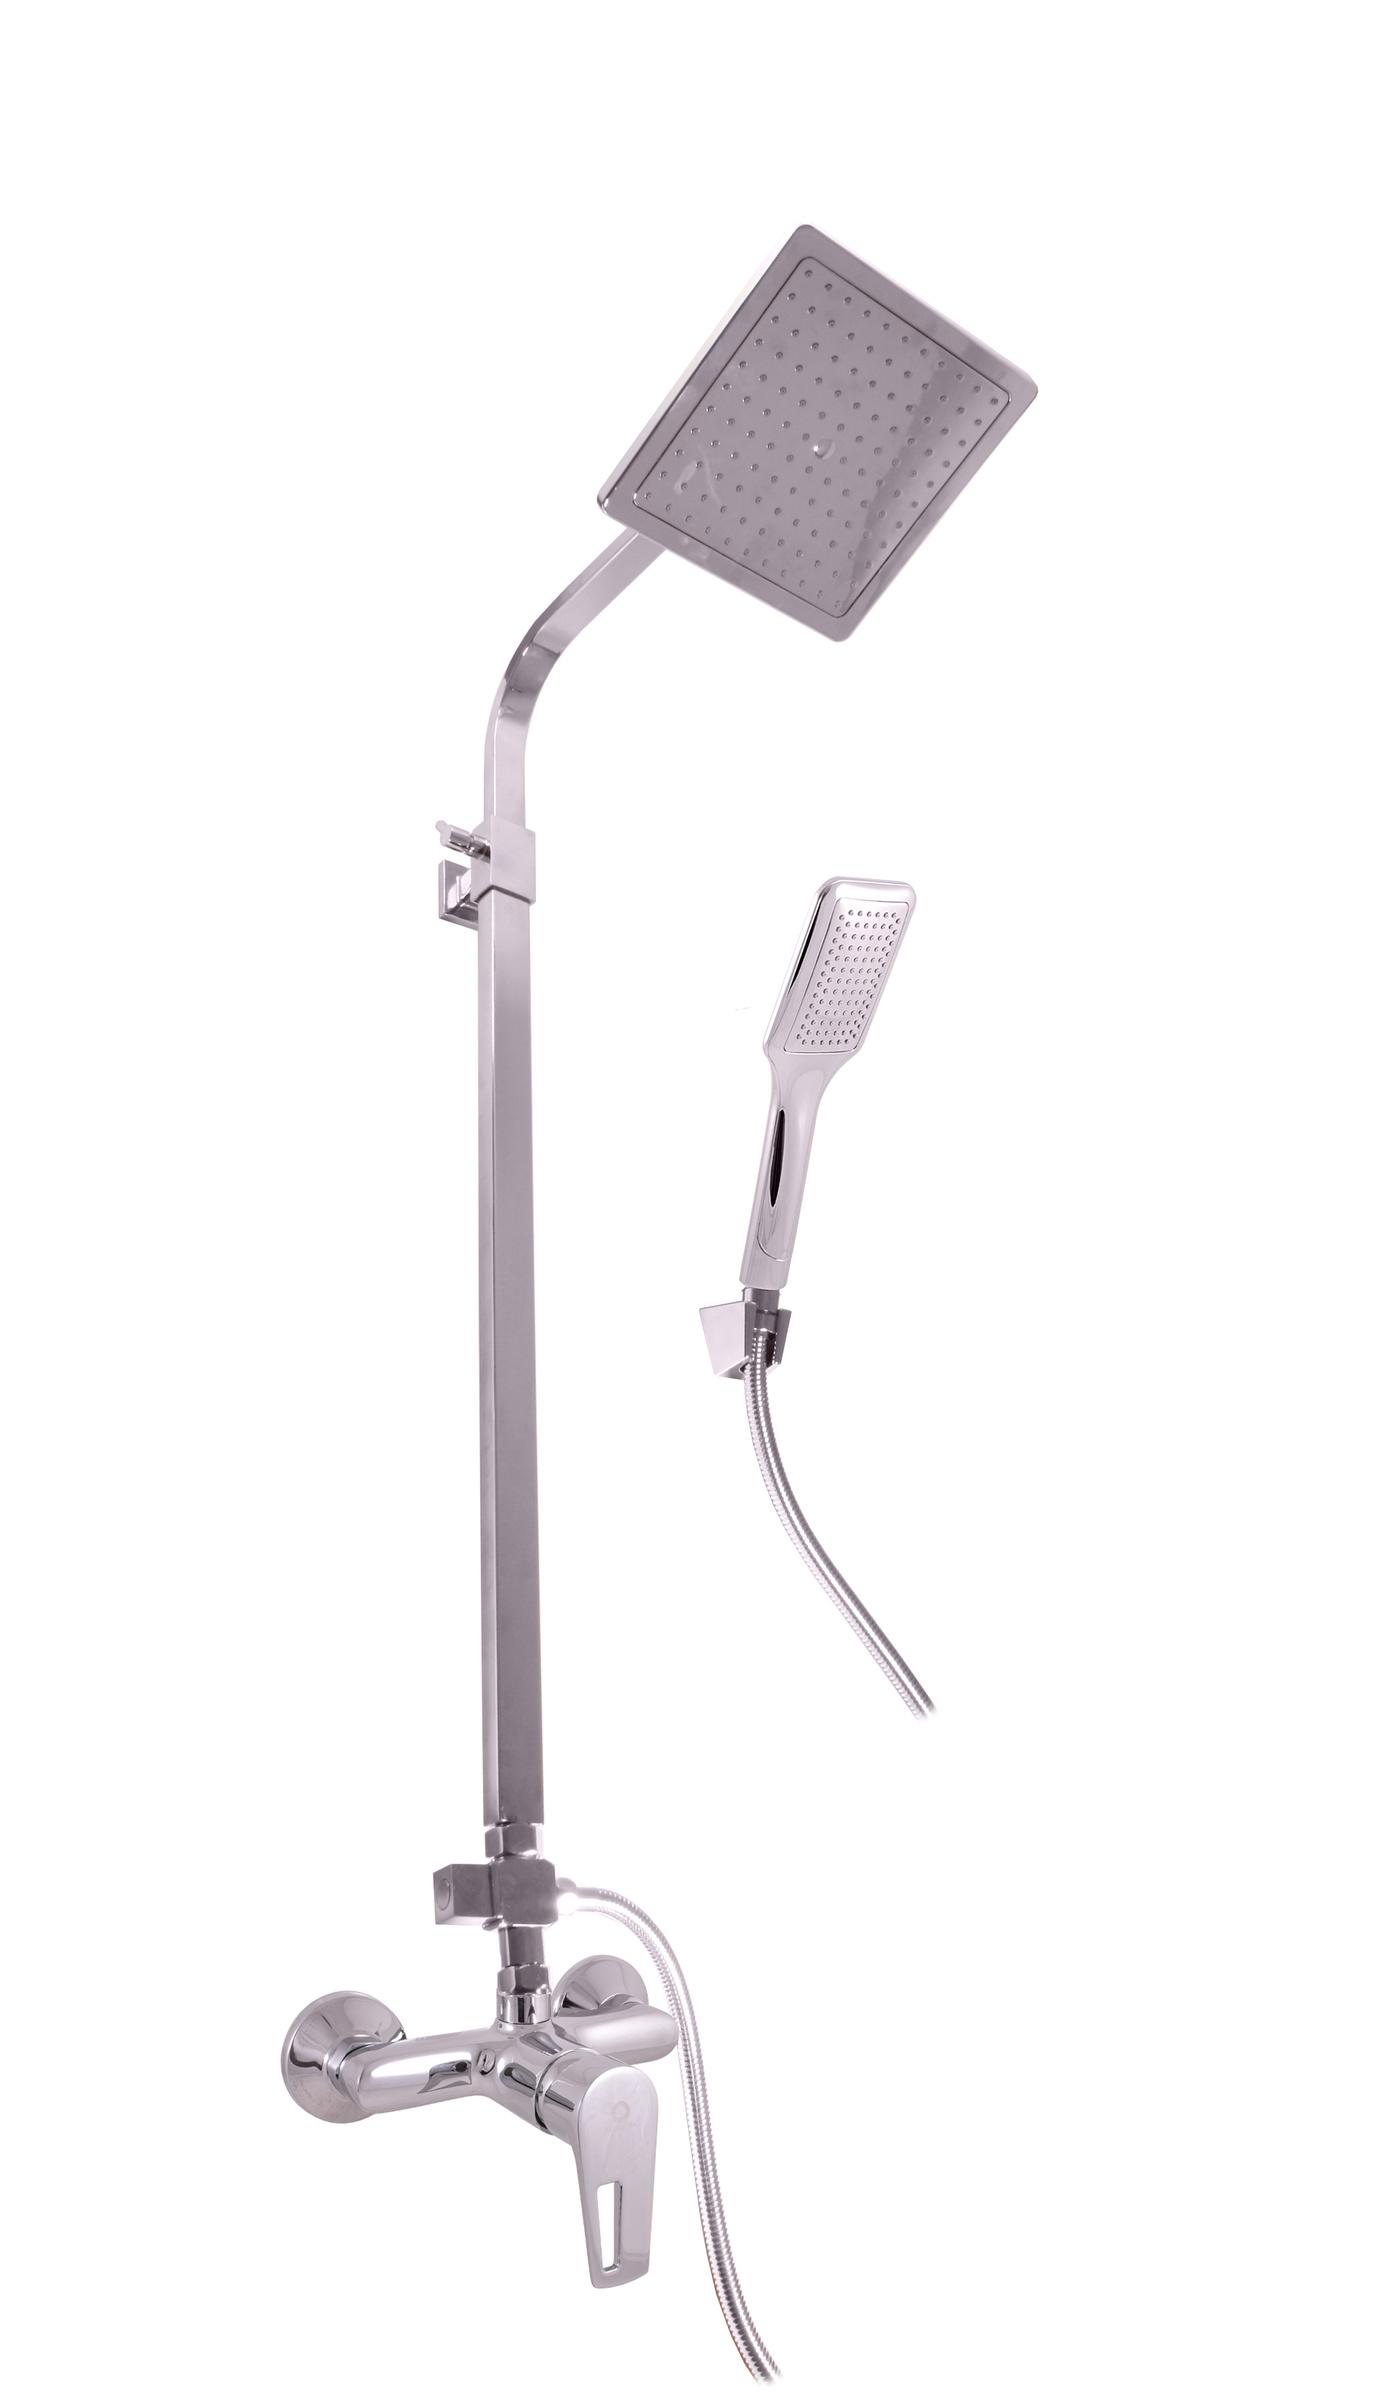 SLEZAK-RAV - Vodovodné batérie sprchová COLORADO s hlavovou a ručnou sprchou, Farba: chróm, Rozmer: 150 mm CO282.5 / 6